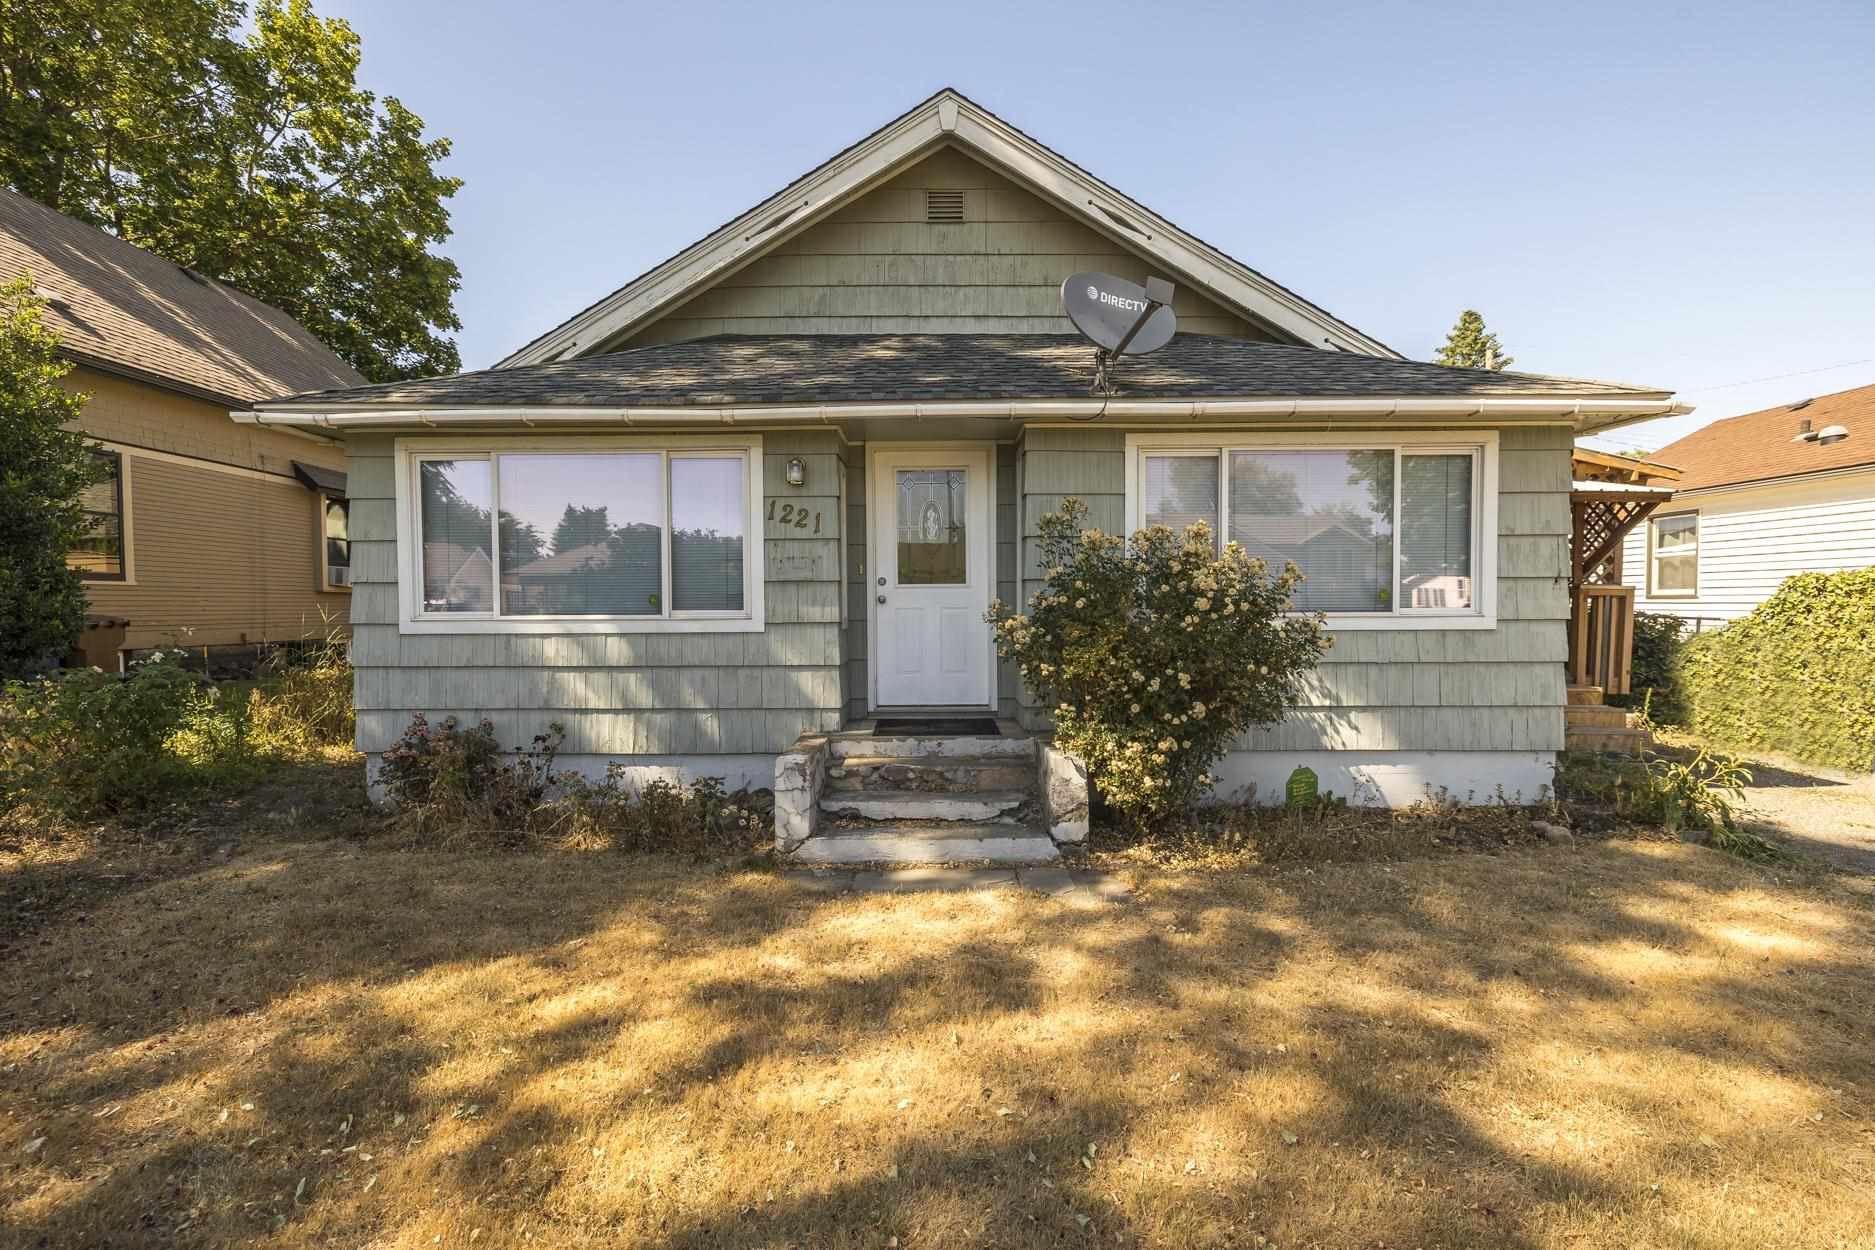 1221 E Gordon Ave, Spokane, WA 99207 - #: 202118573